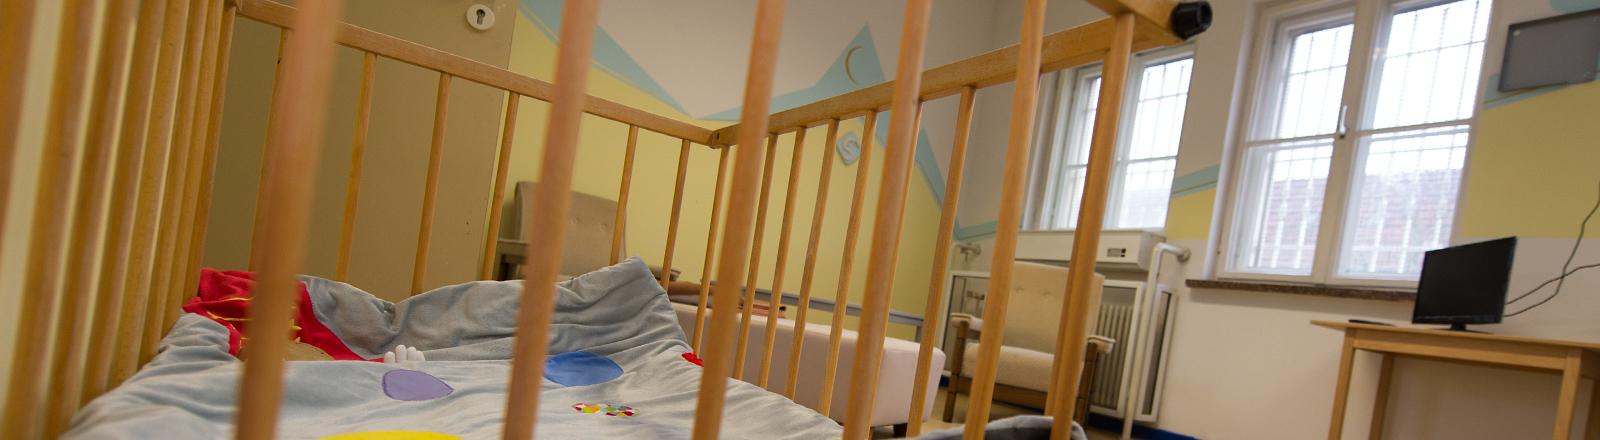 Blick in einen Aufenthaltsraum im Mutter-Kind-Bereich der Justizvollzugsanstalt für Frauen in Berlin-Pankow.